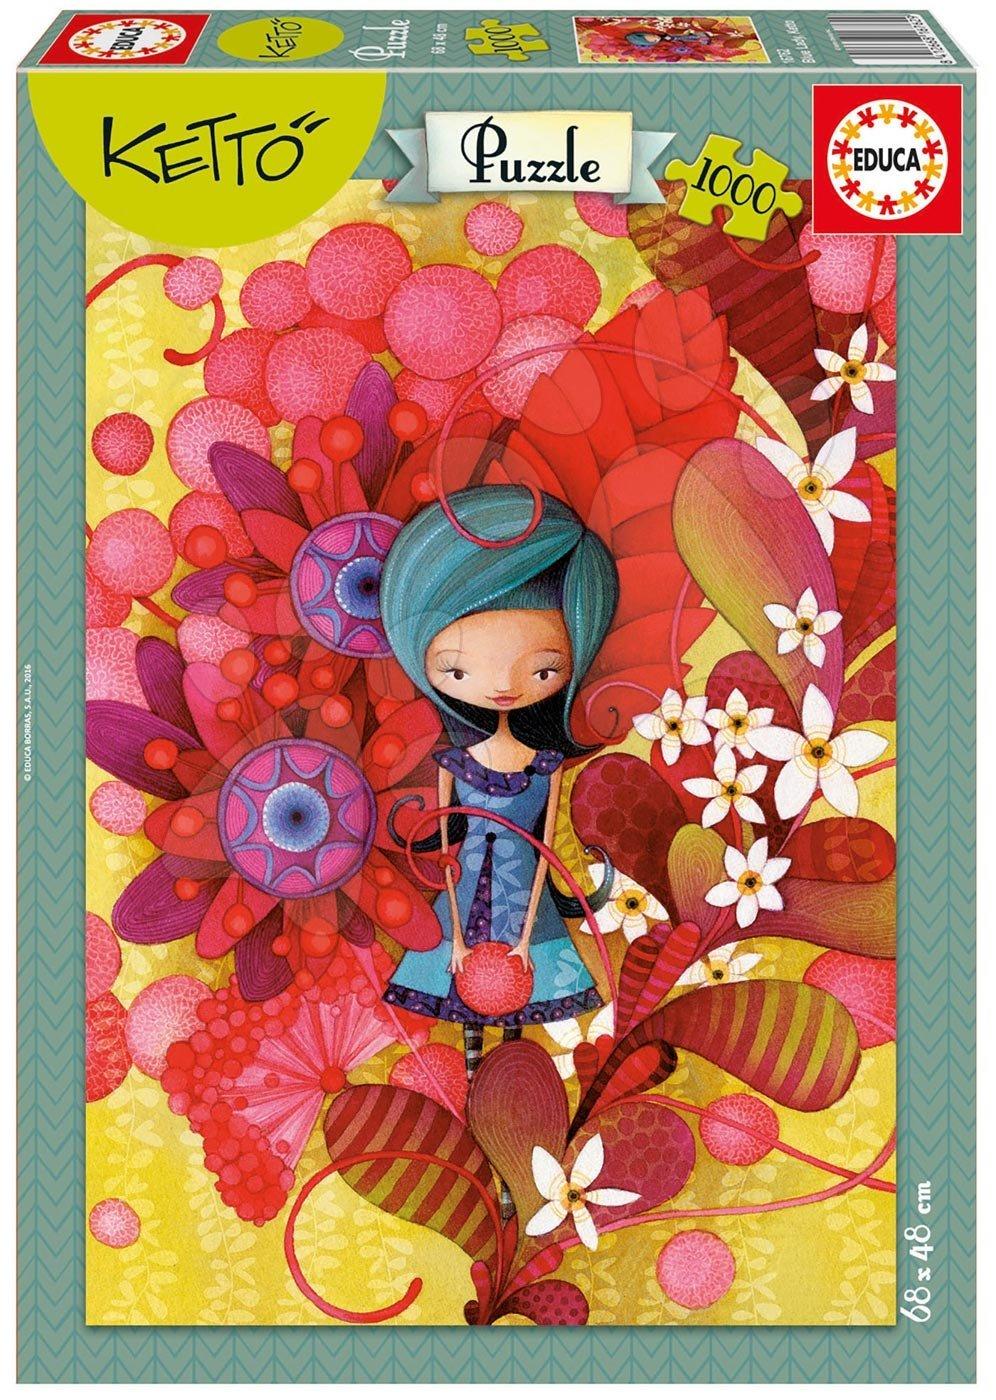 Puzzle 1000 dielne - Puzzle Blue Lady, Ketto Educa 1000 dielov od 12 rokov